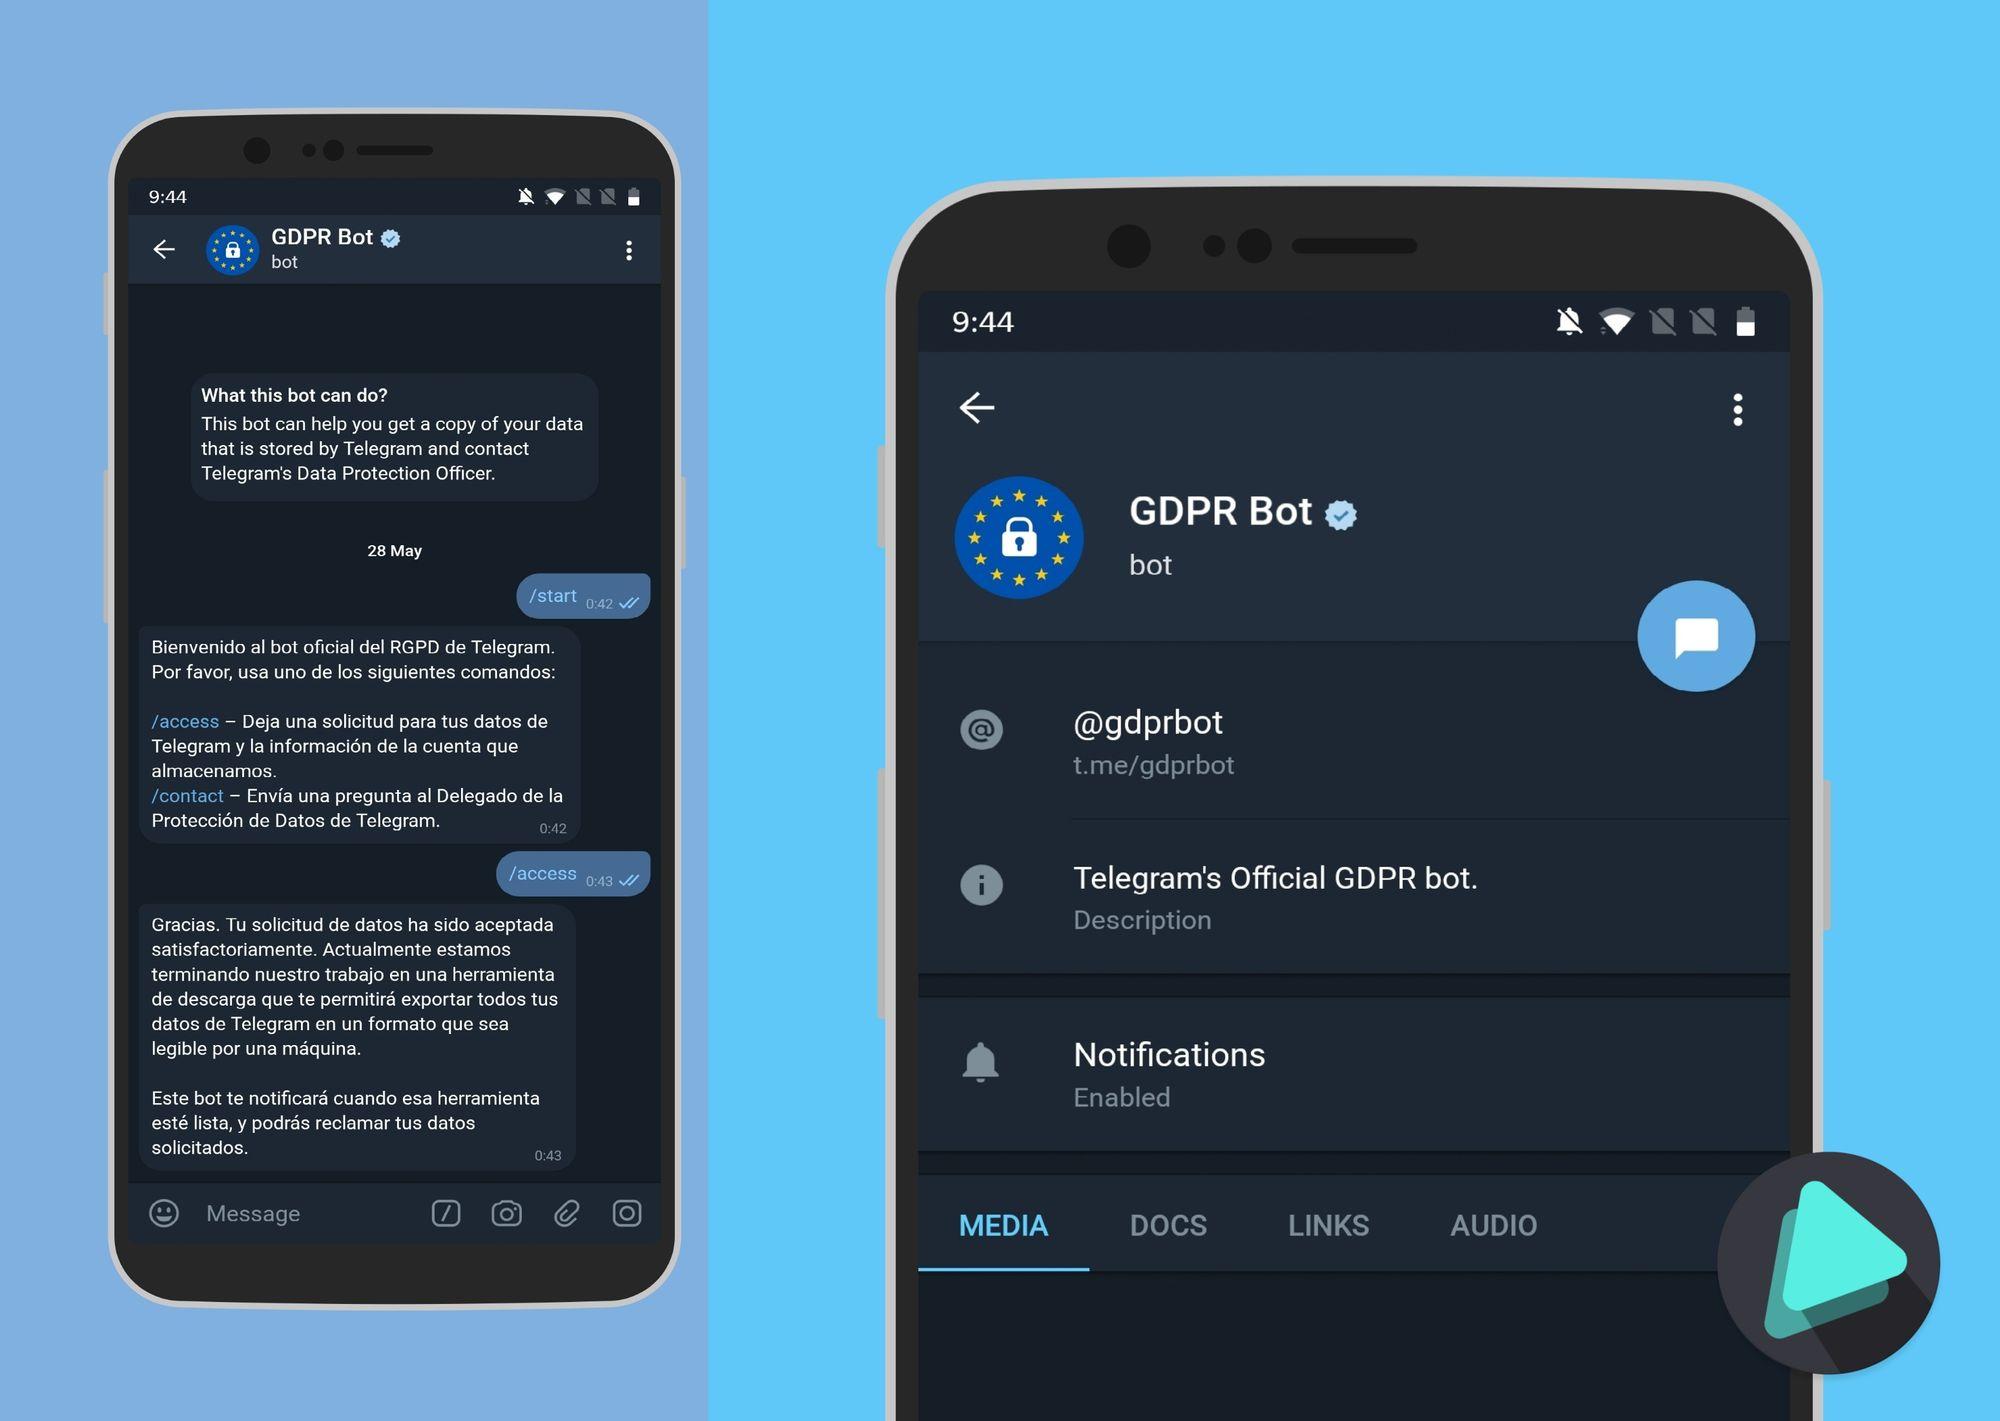 @Gdprbot : El bot oficial de Telegram para ver tus datos y la información de tu cuenta que almacena Telegram